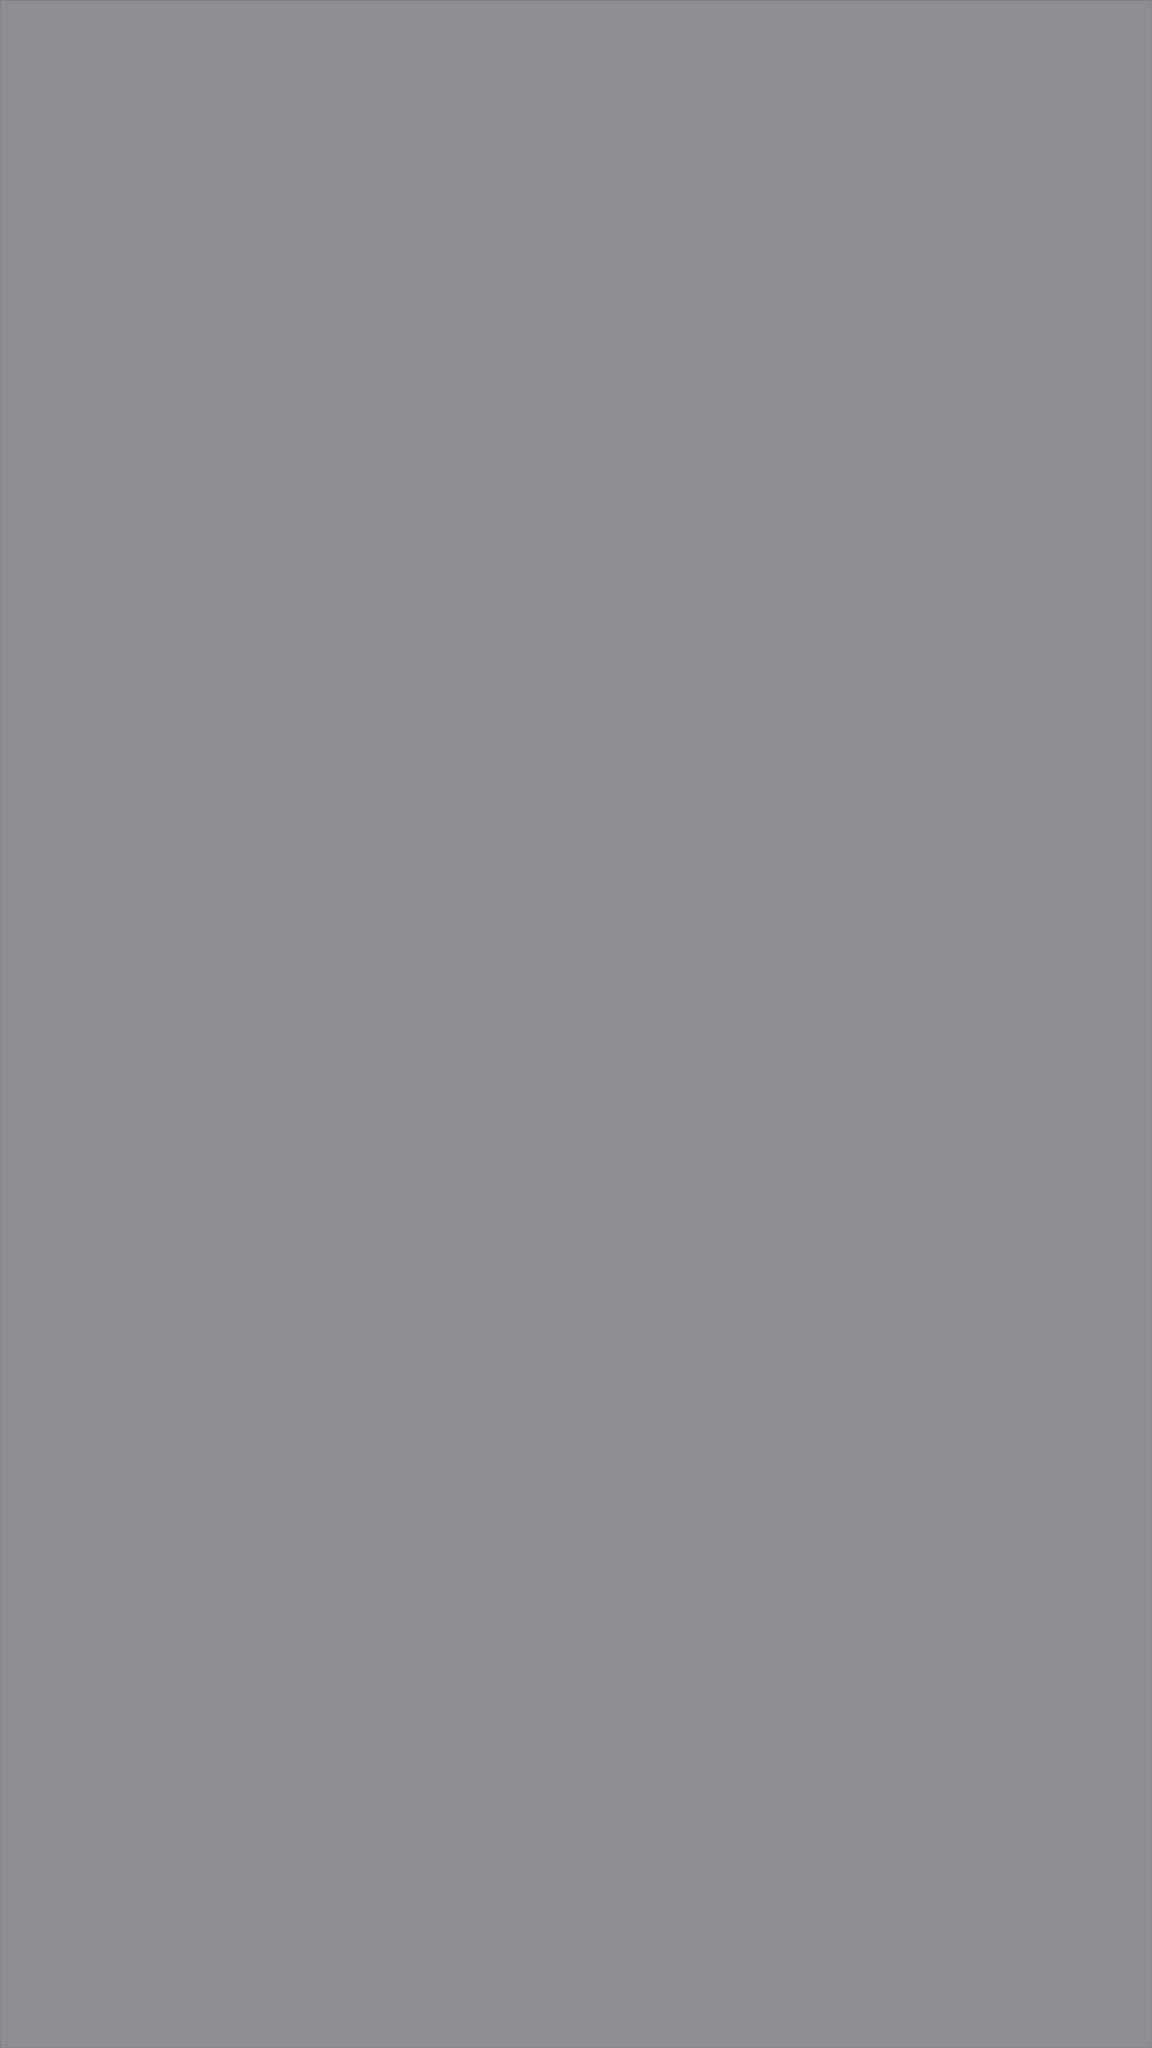 66 Solid Dark Grey